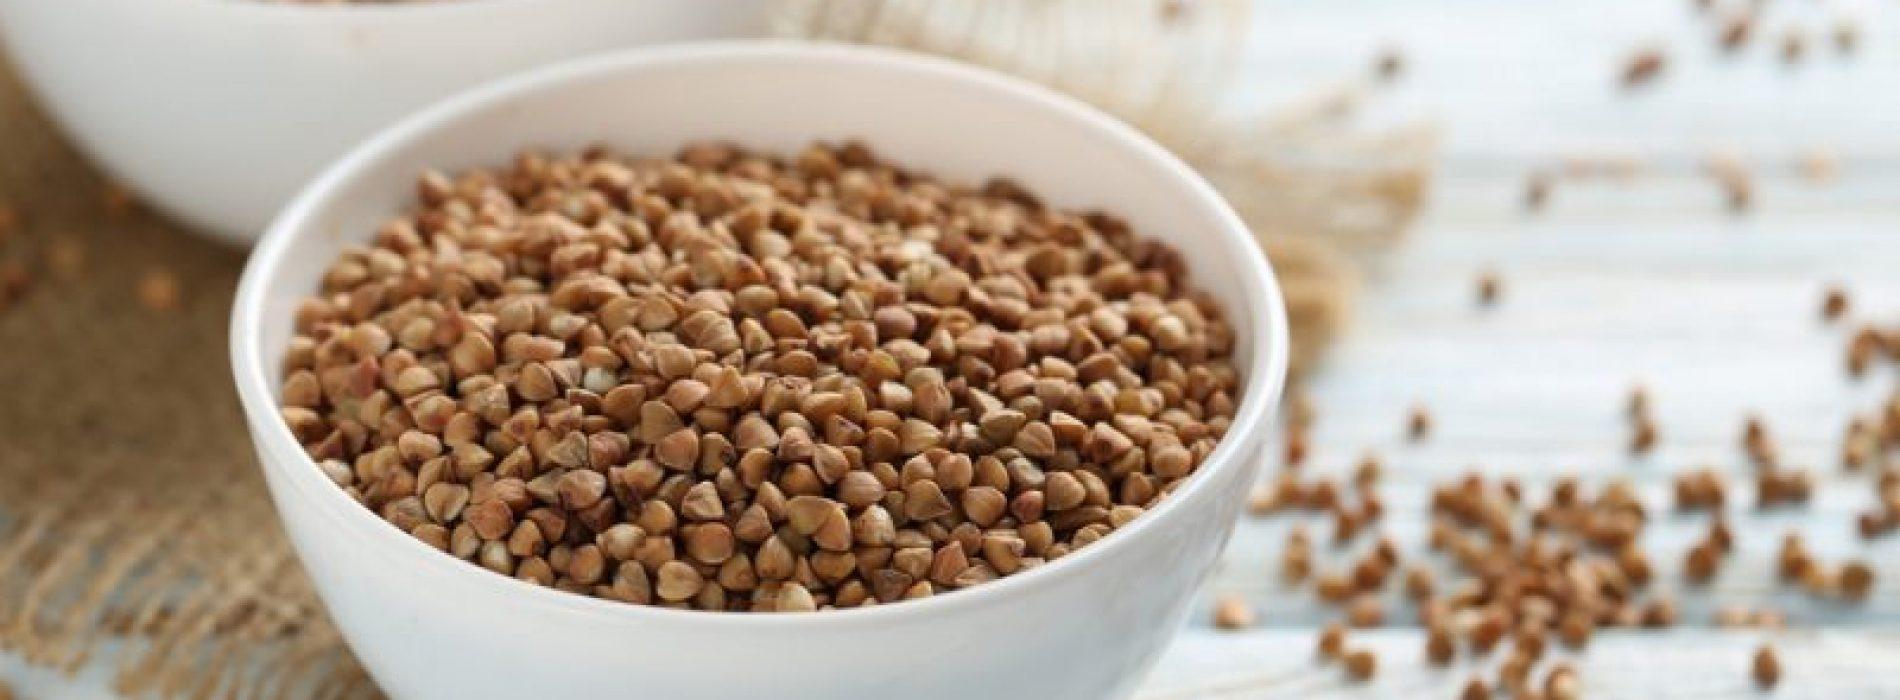 4 Gezondheidsvoordelen van boekweit, een volkorenrijke voedingsstof